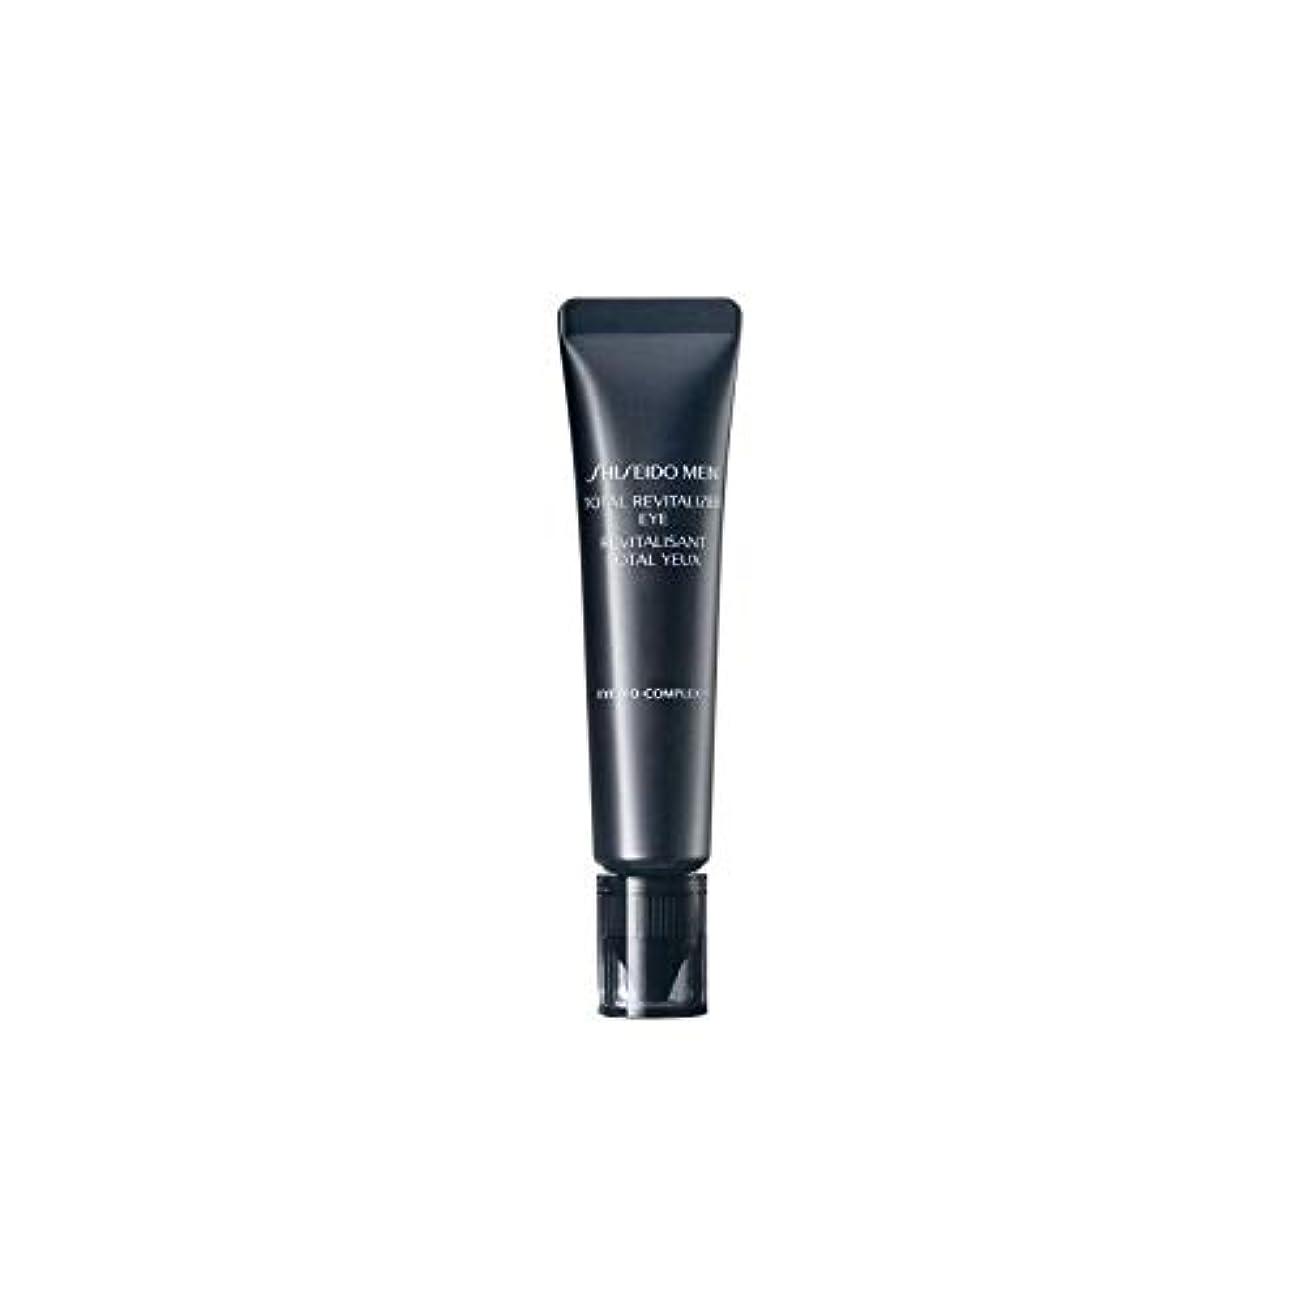 クリスチャン魔術楽しい[Shiseido ] 資生堂は、総滋養強壮の眼(15ミリリットル)をメンズ - Shiseido Mens Total Revitalizer Eye (15ml) [並行輸入品]